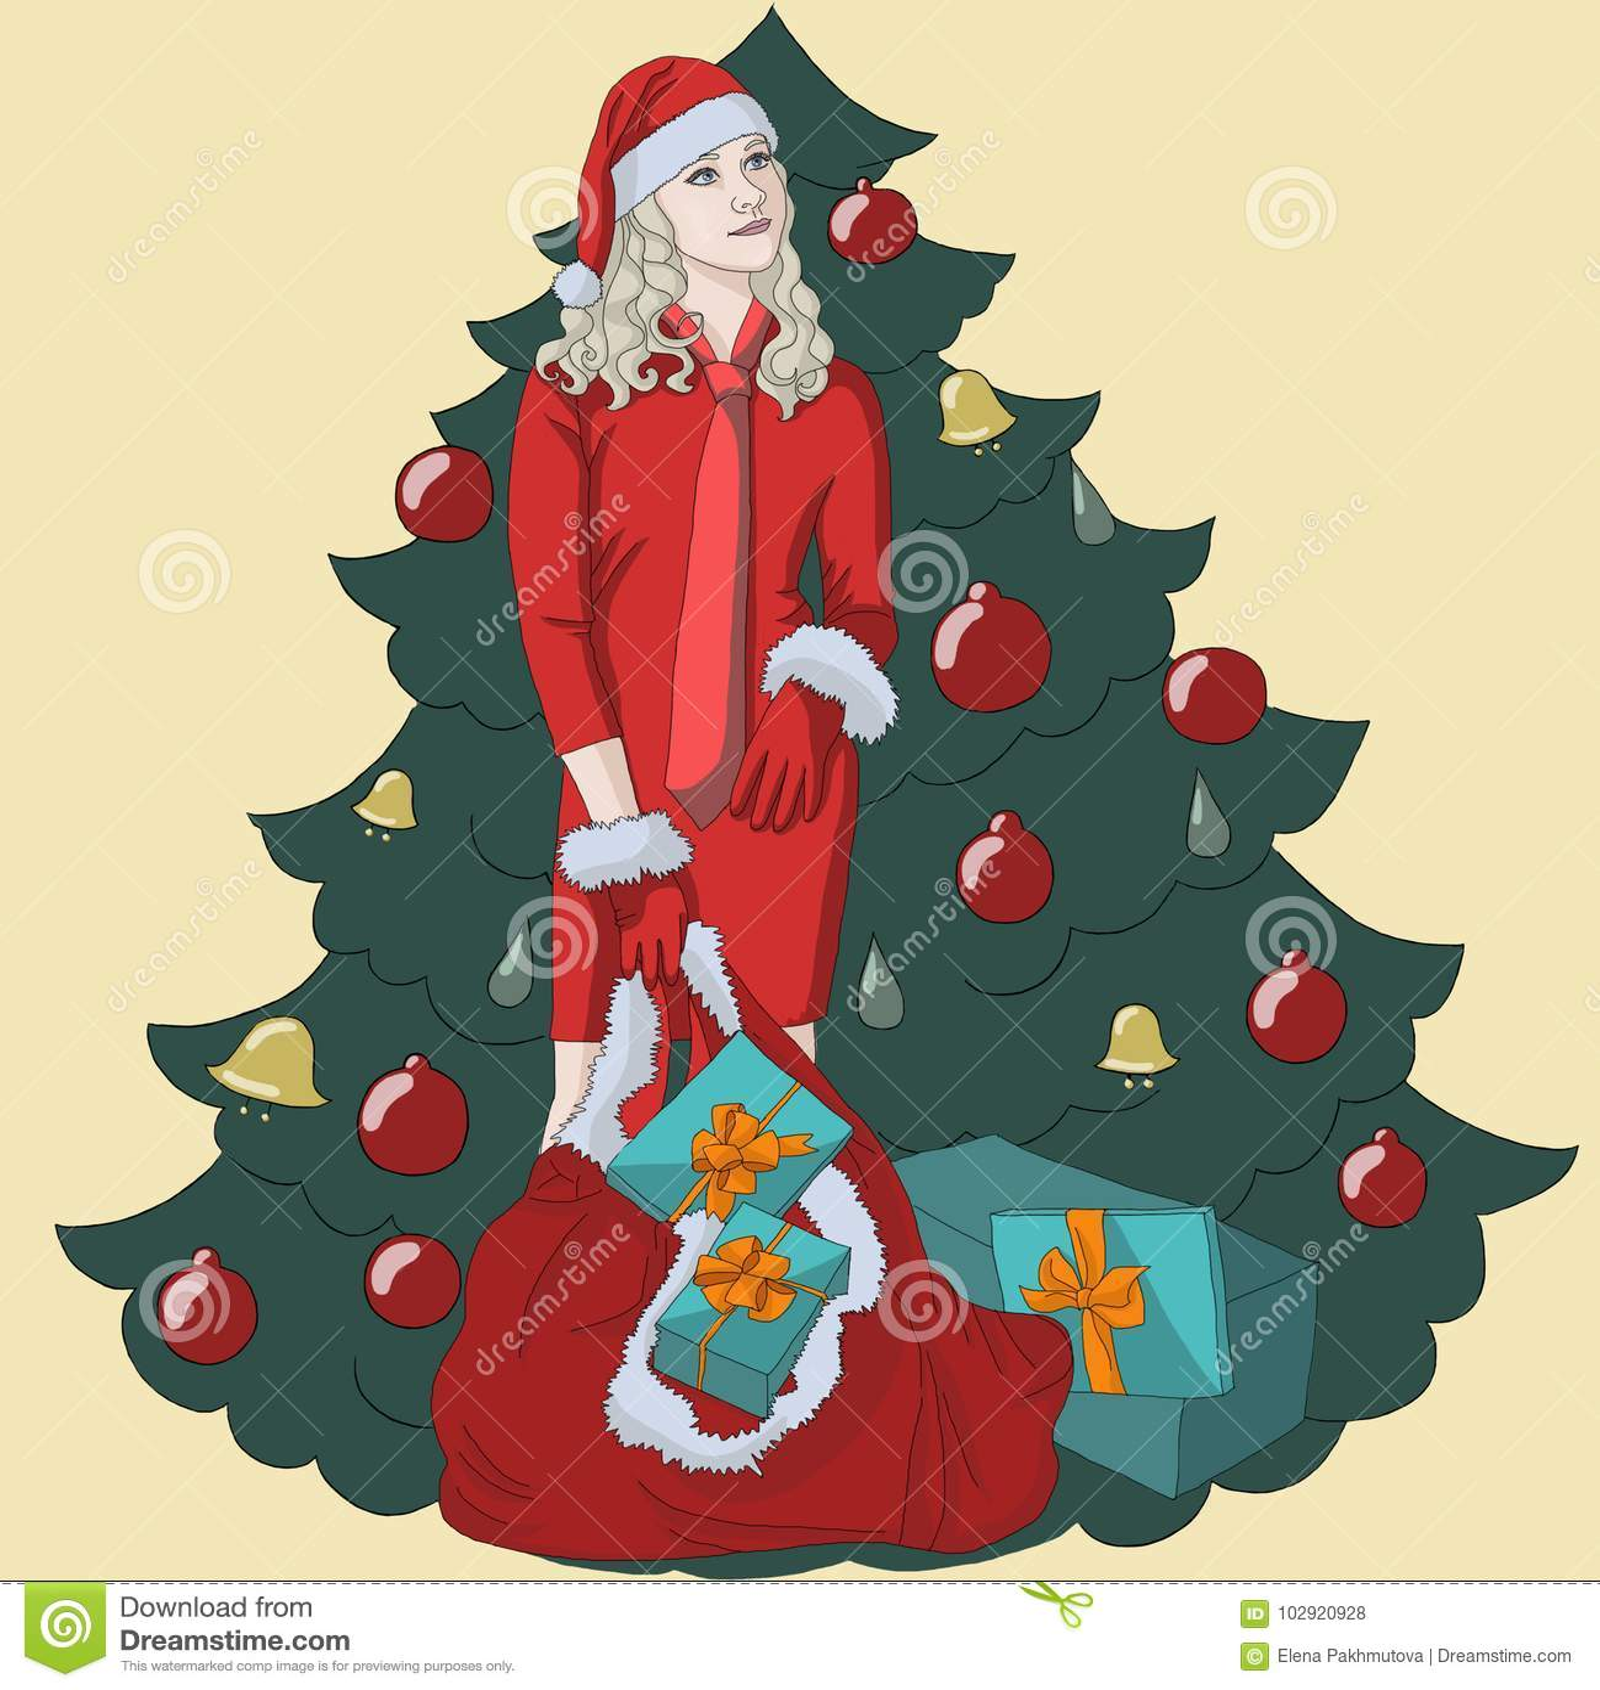 Weihnachtsbaumleute des Weihnachtsbaum-Glückkastenjahres stellen lächelnde neue weißem Kind des Weihnachtsmann-Feierwinters glück